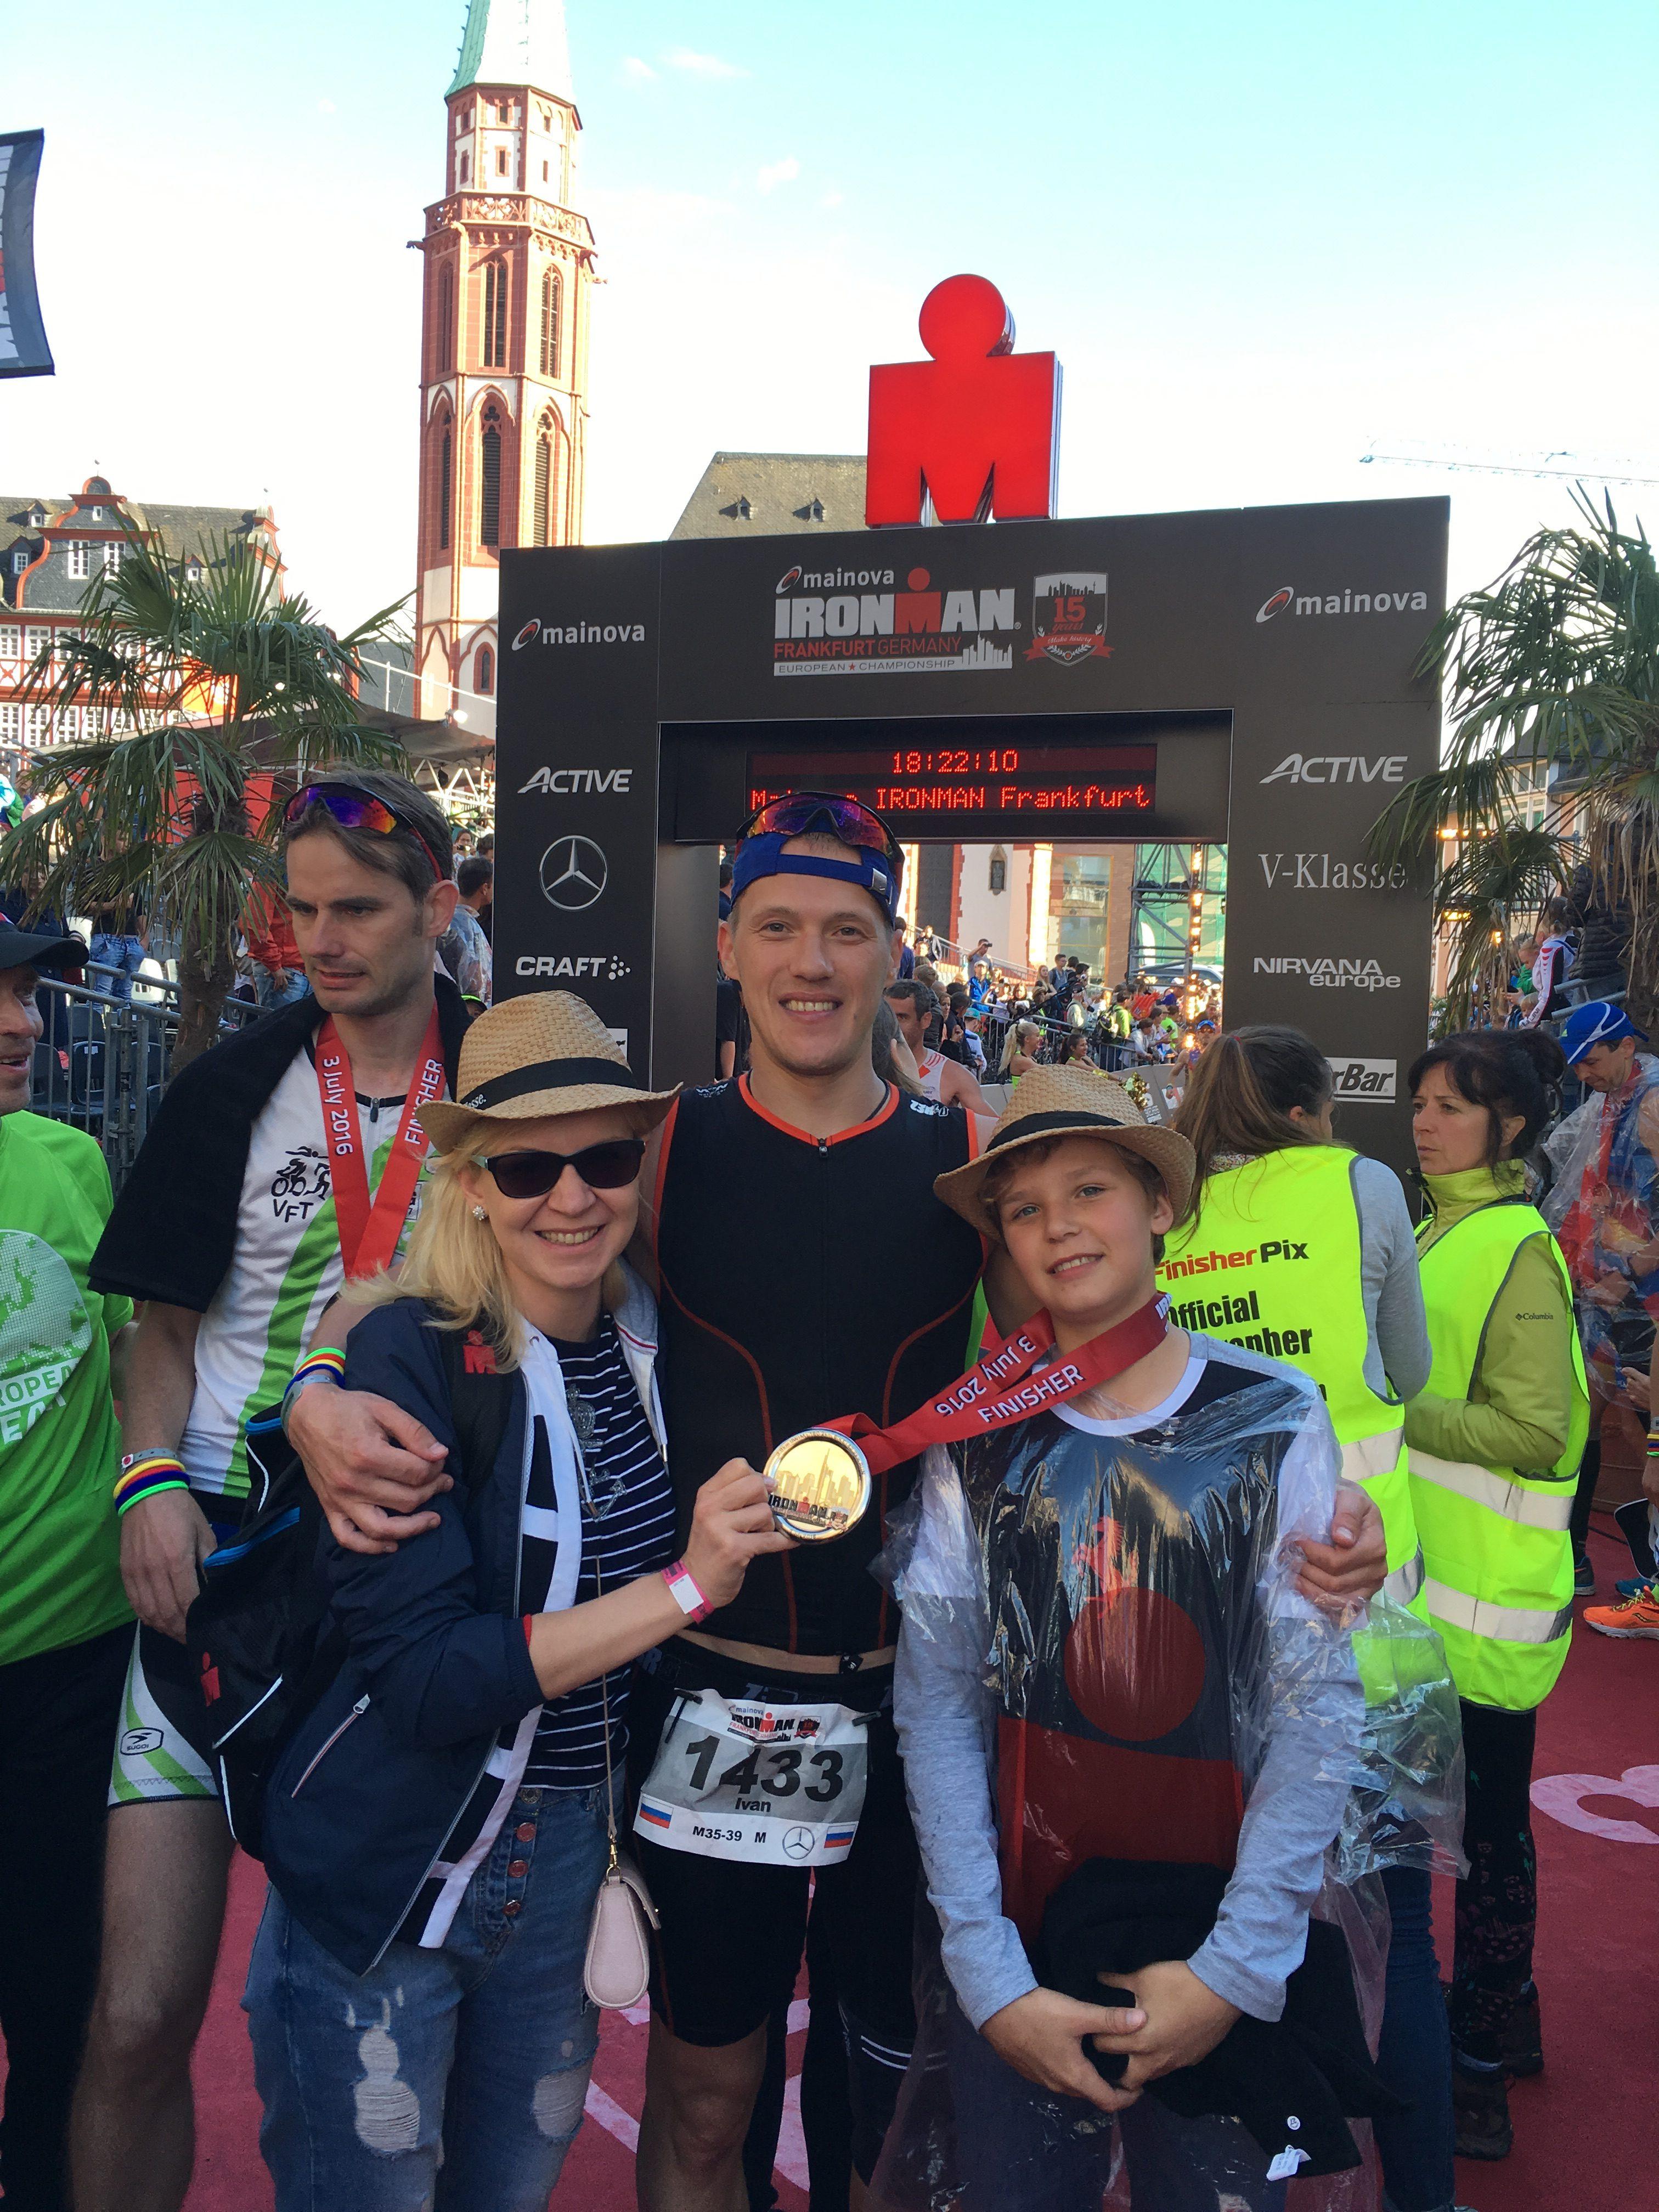 С семьей на Ironman Frankfurt